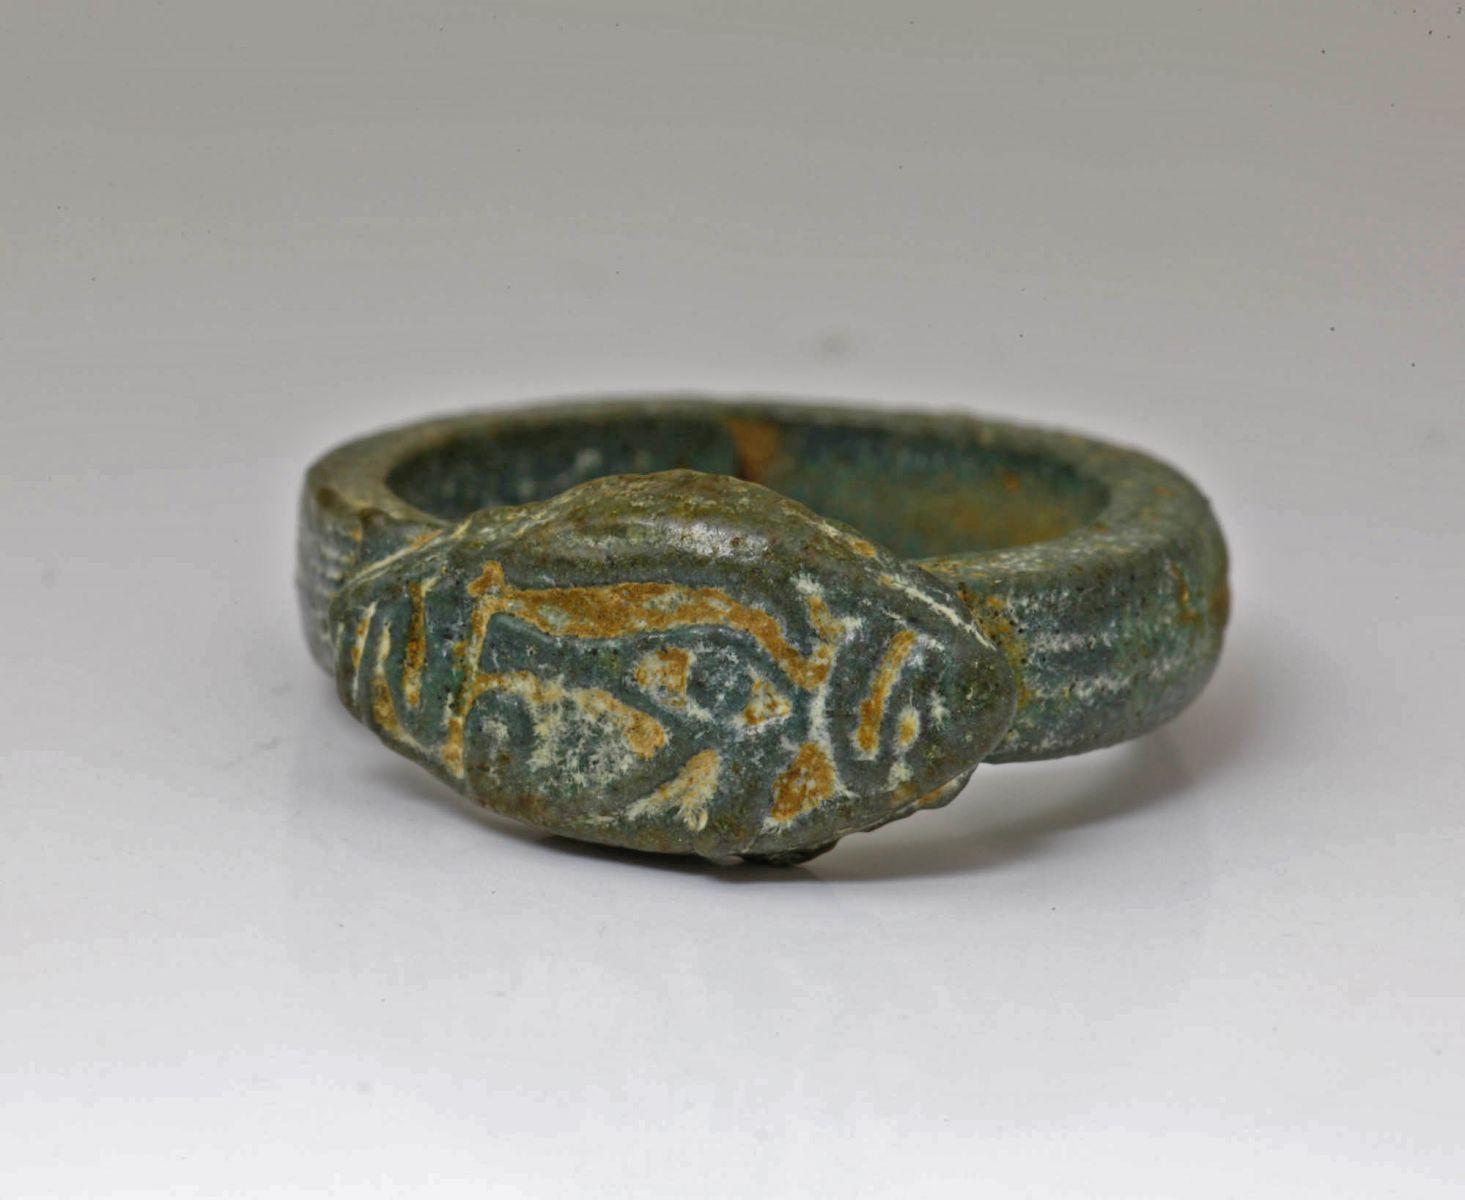 アンティークジュエリー 古代美術 新王国時代 オールオリジナル グリーンファイアンス リング ウジャット ホルスの目